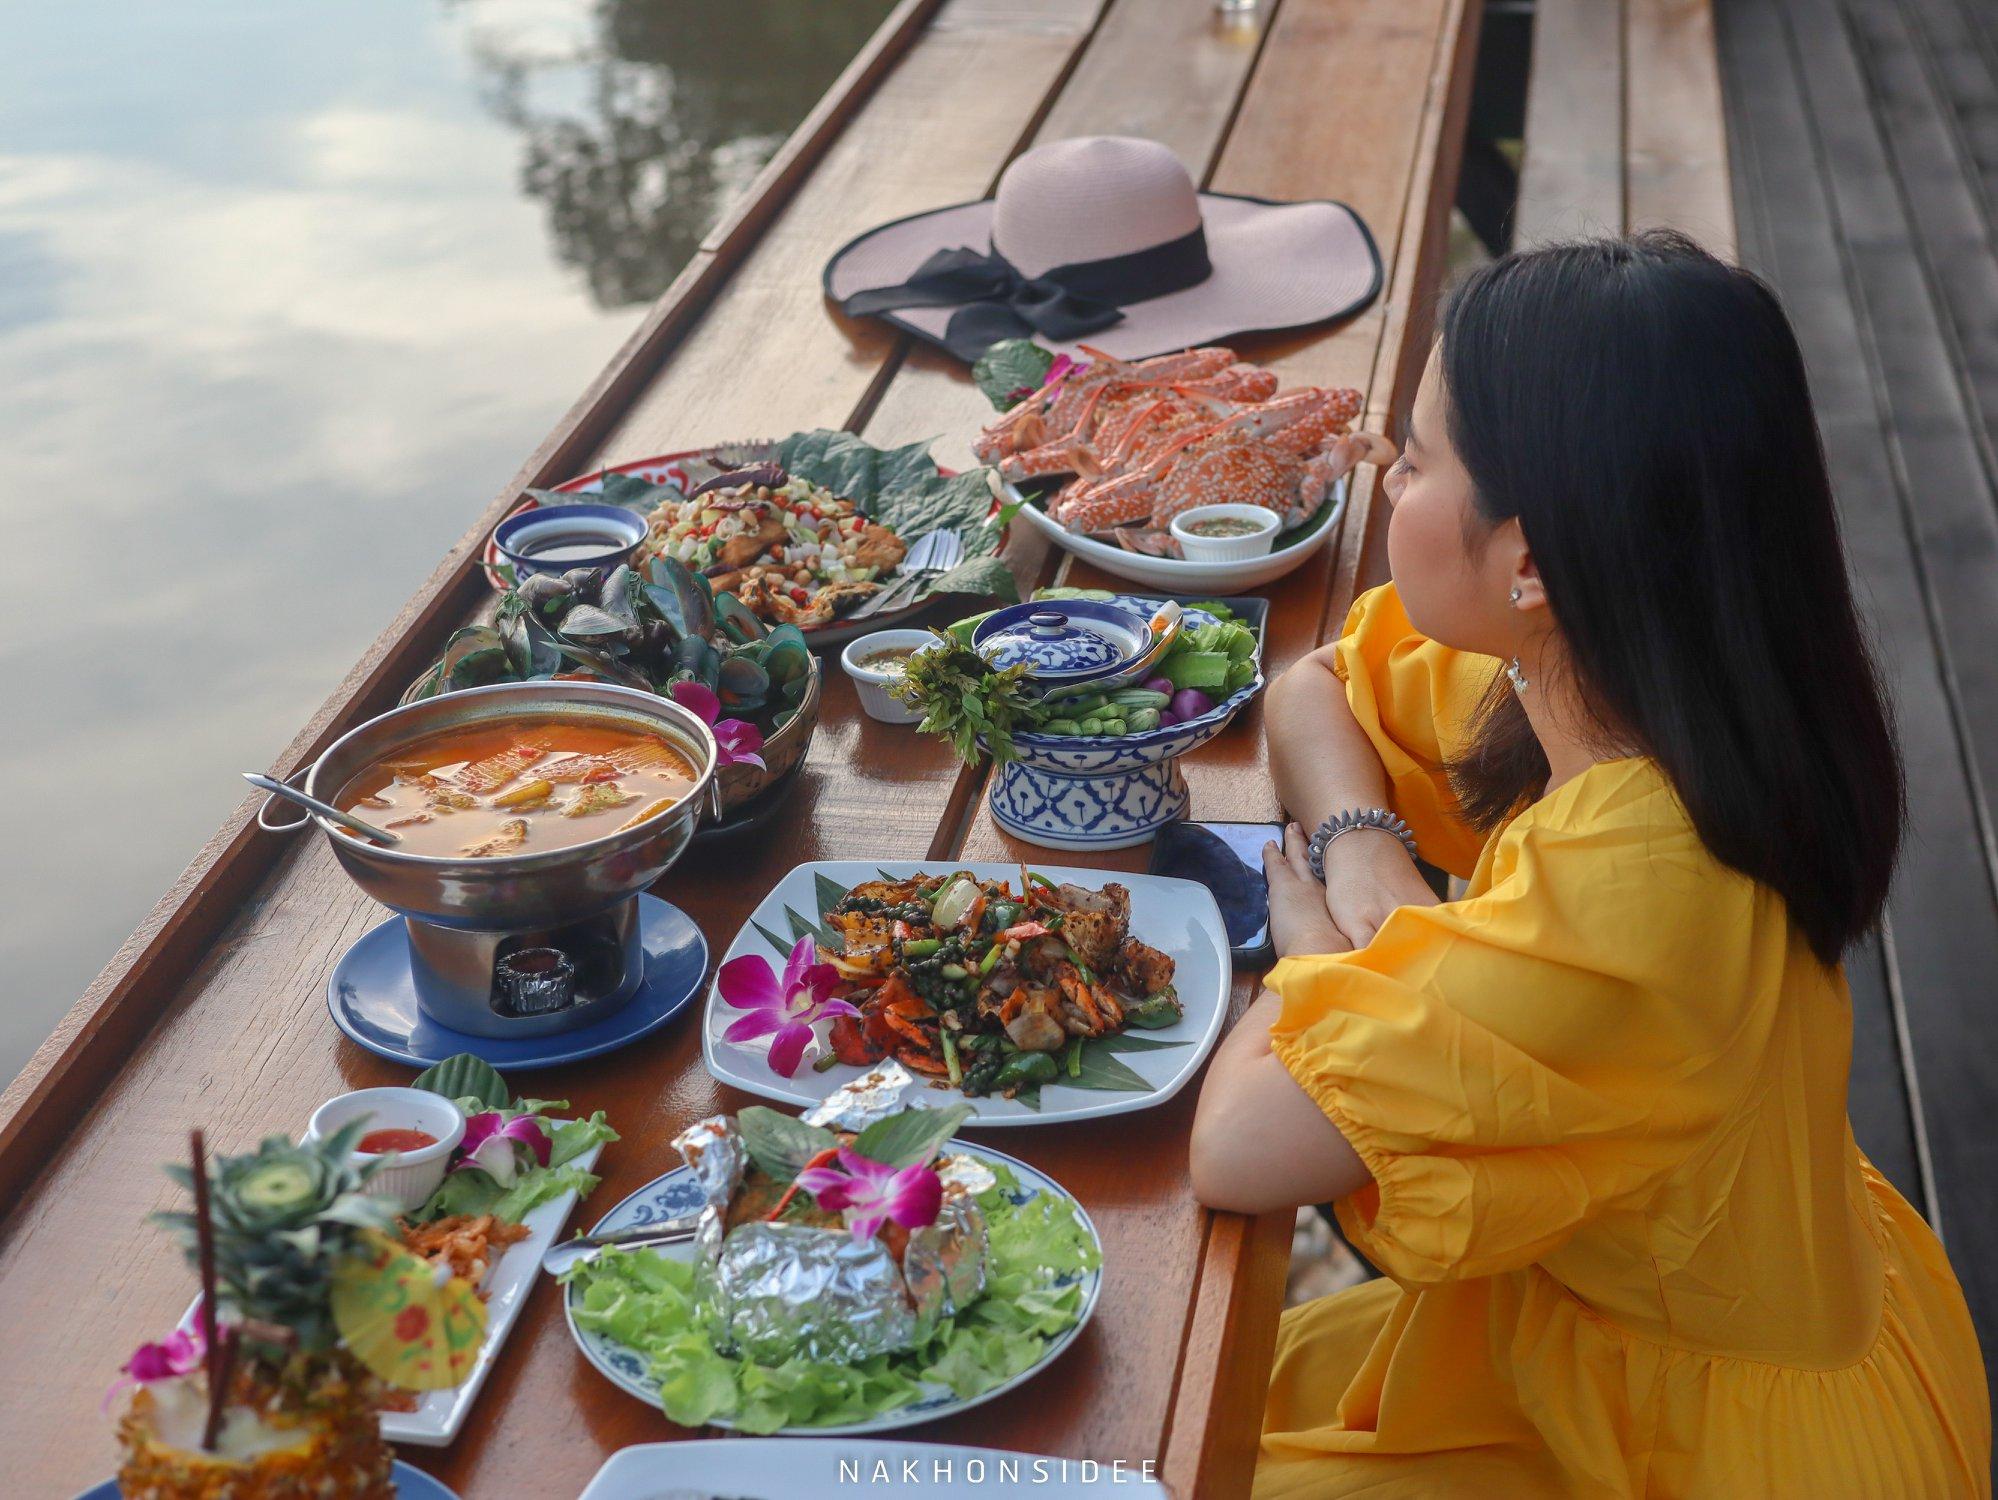 น้อนกินอะไรดีน้าา ท่าศาลา,ครัวปากพยิง,นครศรี,ของกิน,อร่อยเด็ด,นครศรีธรรมราช,ร้านอาหาร